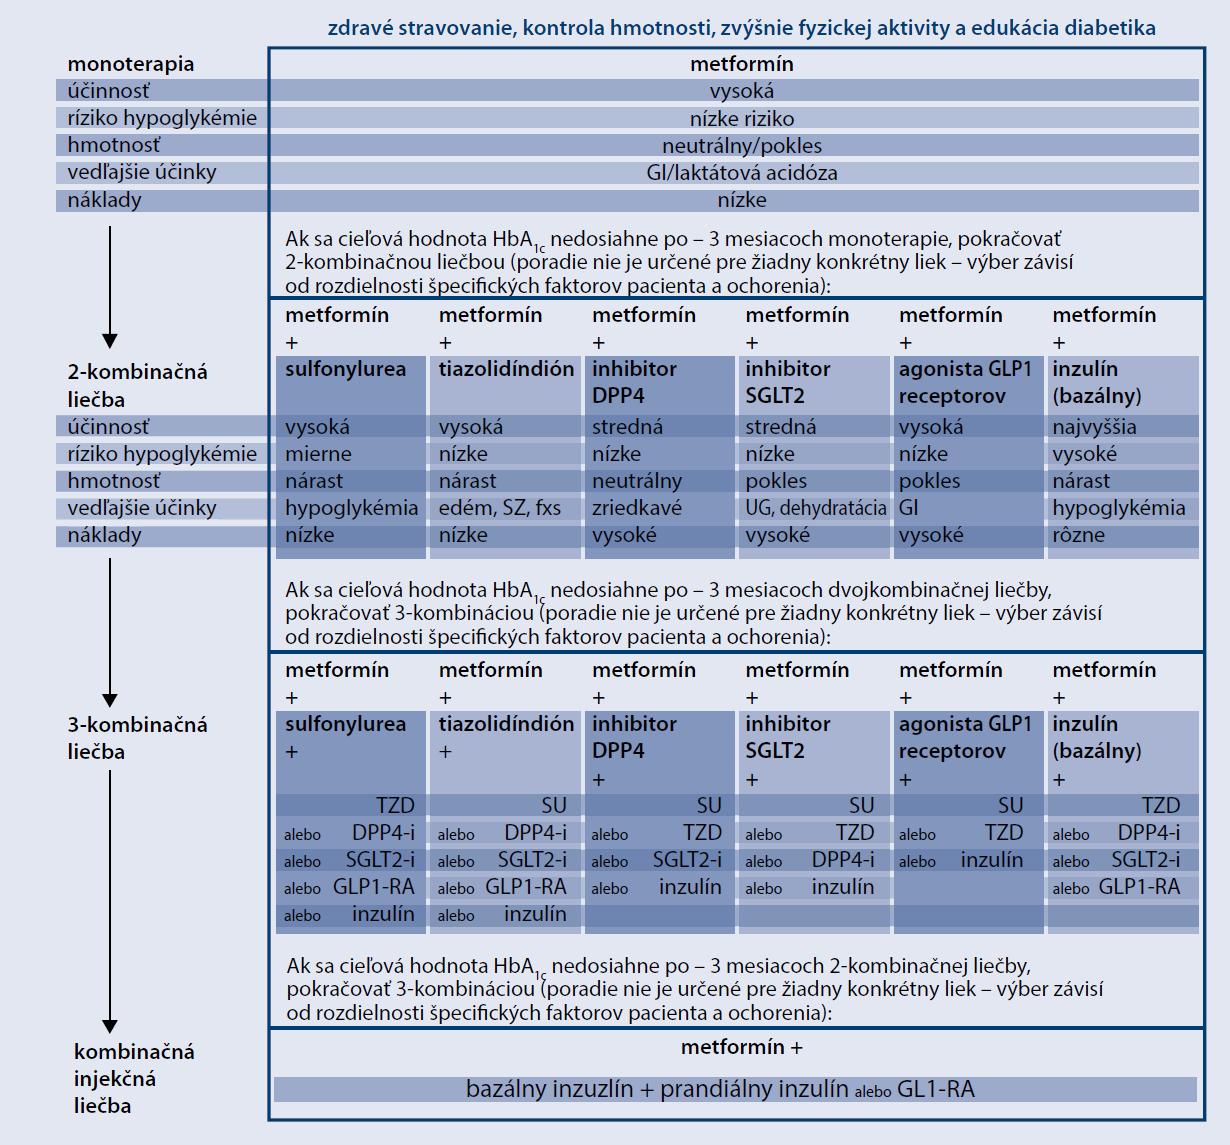 Schéma: Liečba hyperglykémie ADA/EASD 2015. Upravené podľa [1]